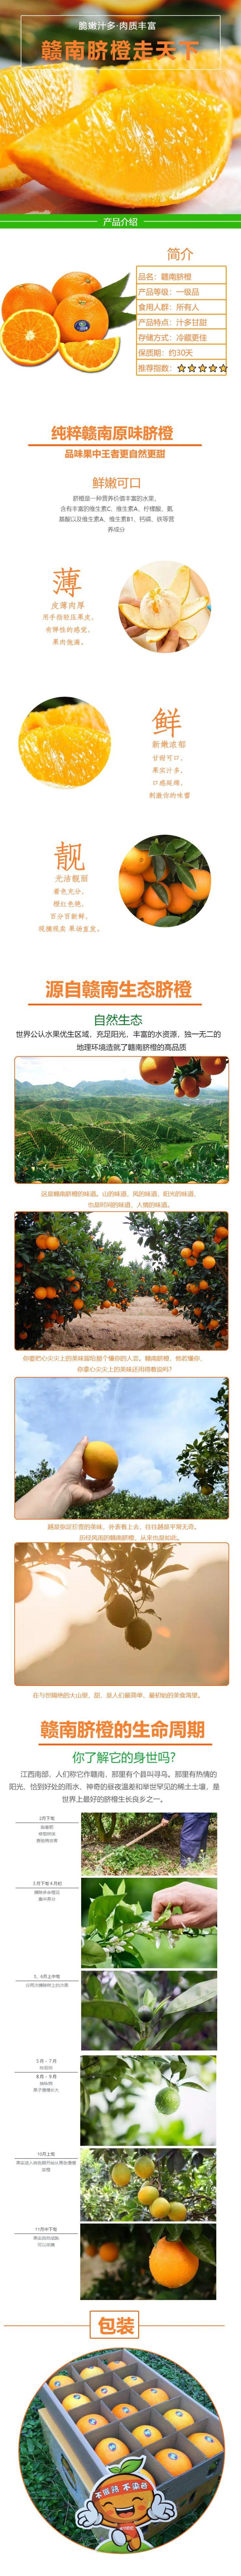 清新自然百货零售生鲜水果脐橙橙子促销电商详情页